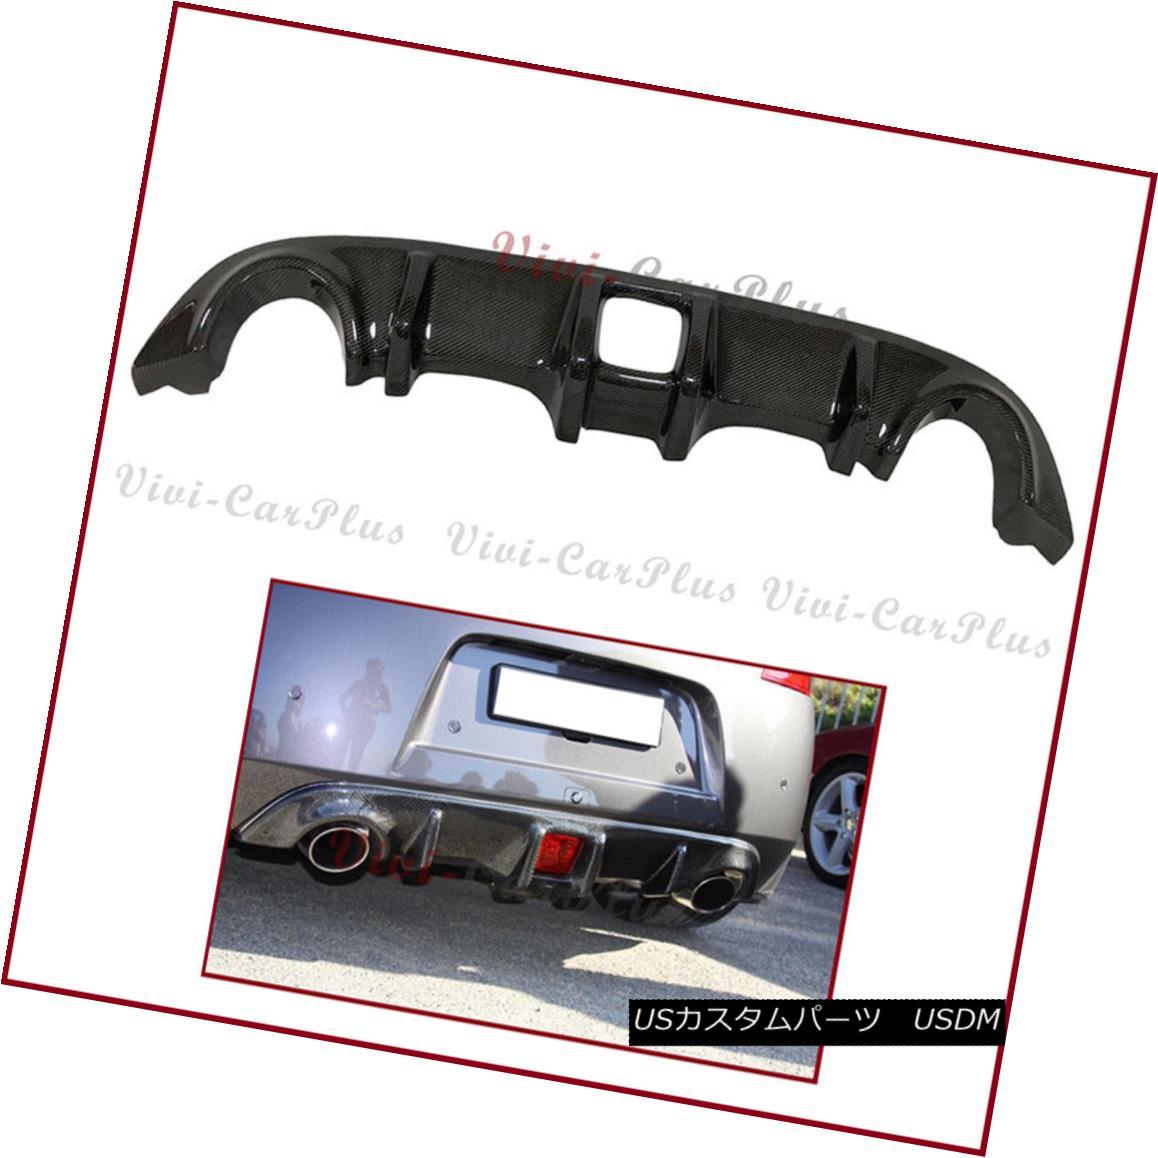 エアロパーツ For 10-17 Nissan 370Z Fairlady Z34 V Type Carbon Fiber Rear Bumper Diffuser Lip 10-17日産370ZフェアレディZ34 Vタイプカーボンファイバーリアバンパーディフューザリップ